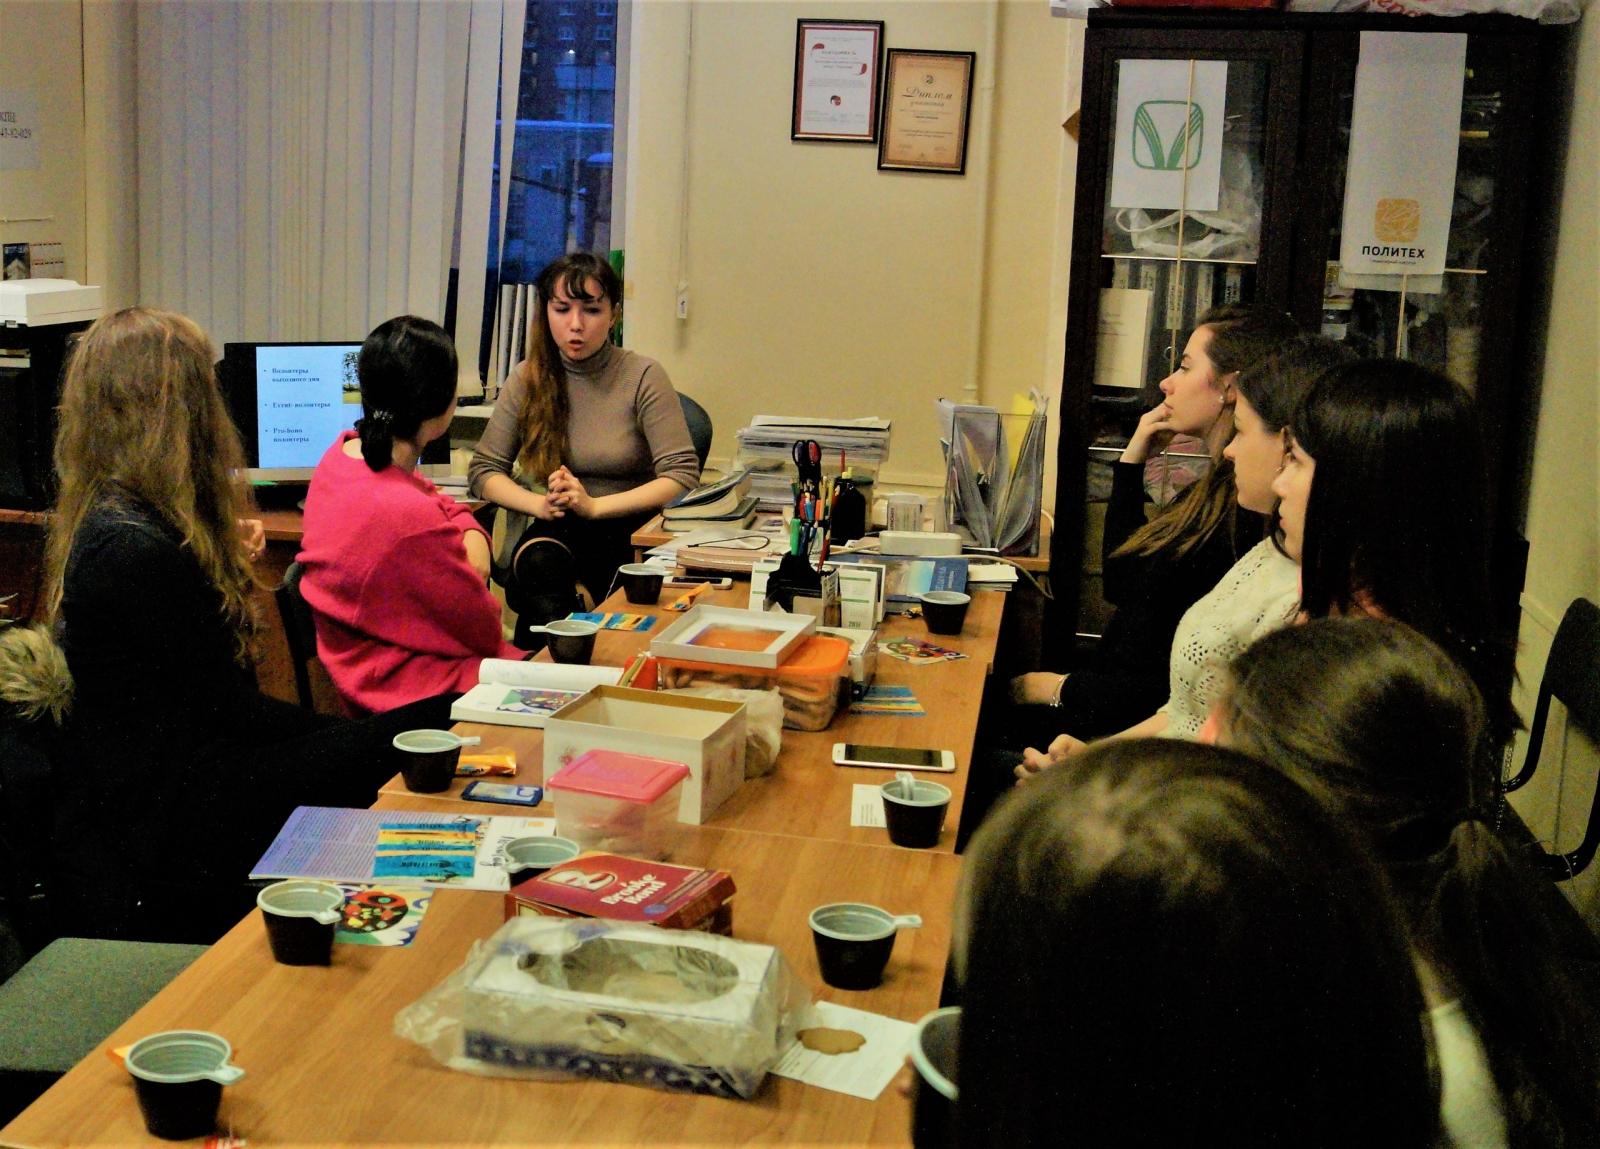 20 февраля наши волонтёры встретились с представителями Благотворительной организации «Перспективы»